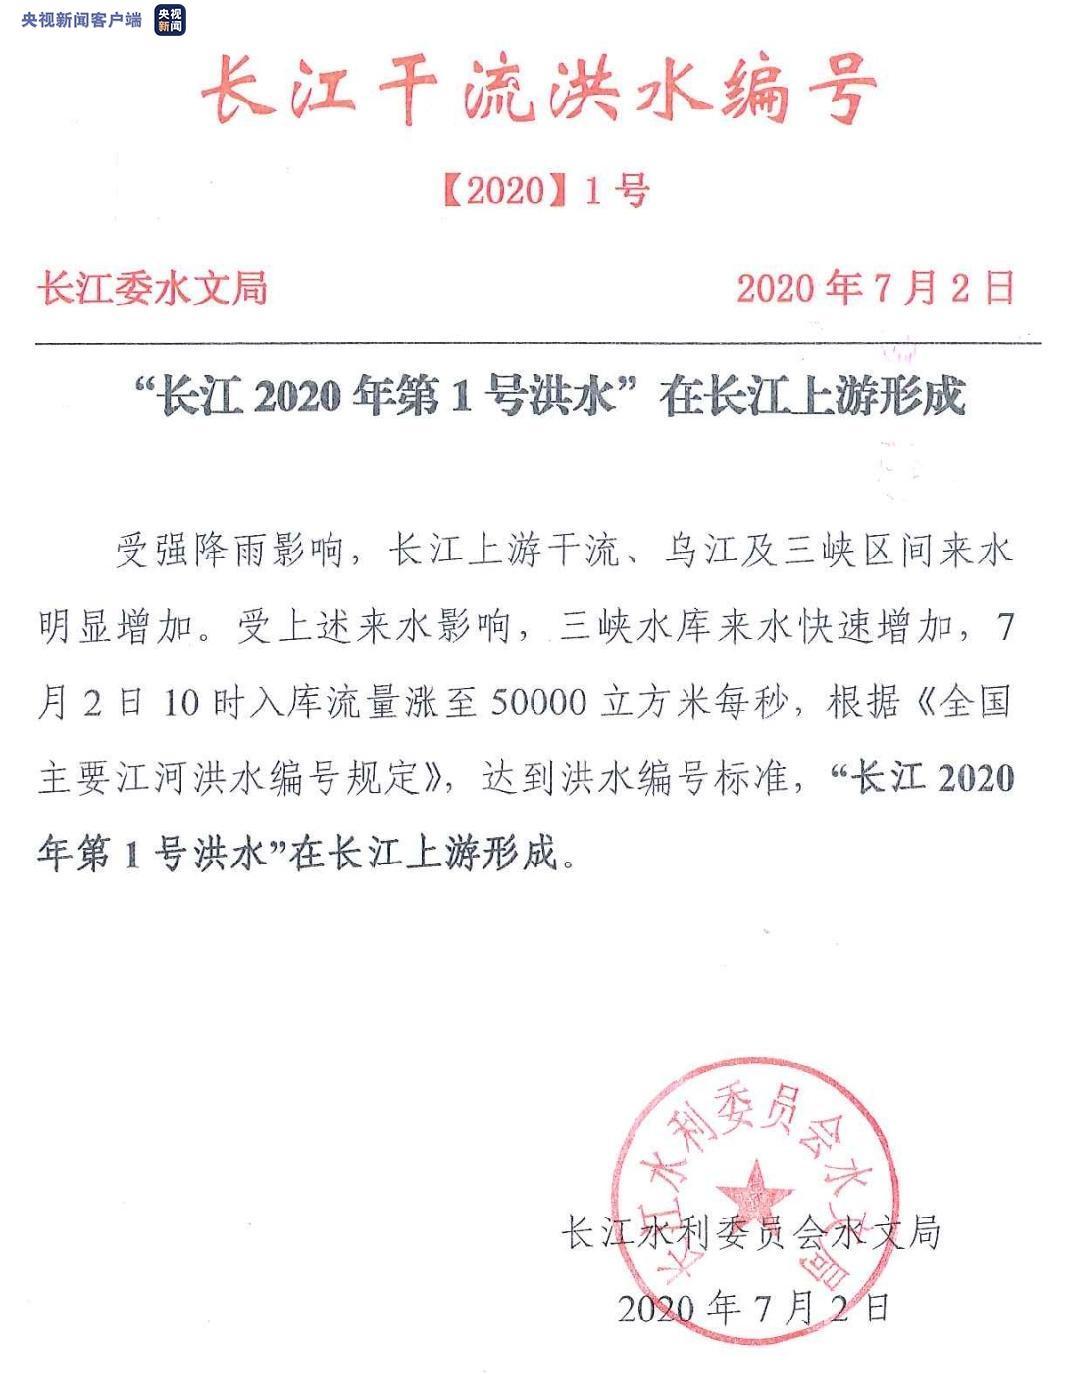 摩天注册长江2020年第摩天注册一号洪水形图片